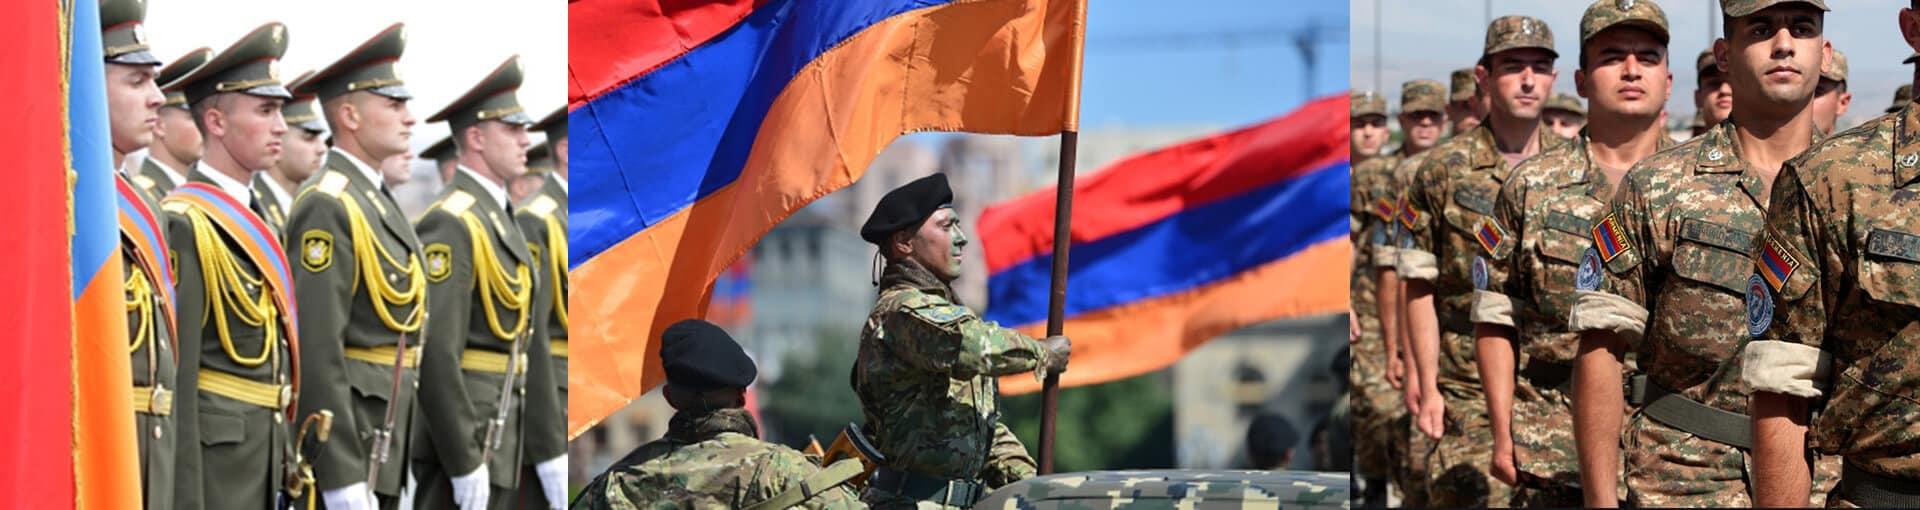 The Armenian Army